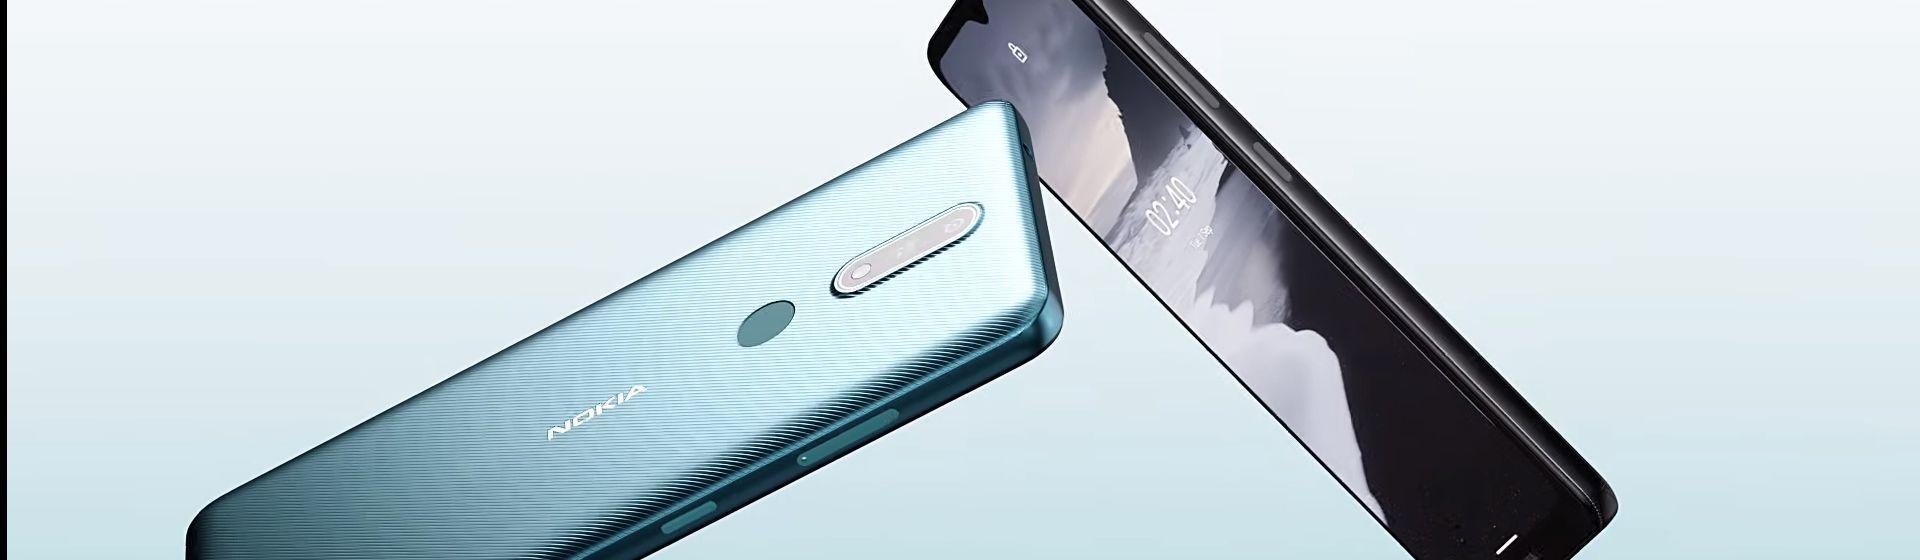 Nokia 2.4: analisamos a ficha técnica do novo smartphone de entrada